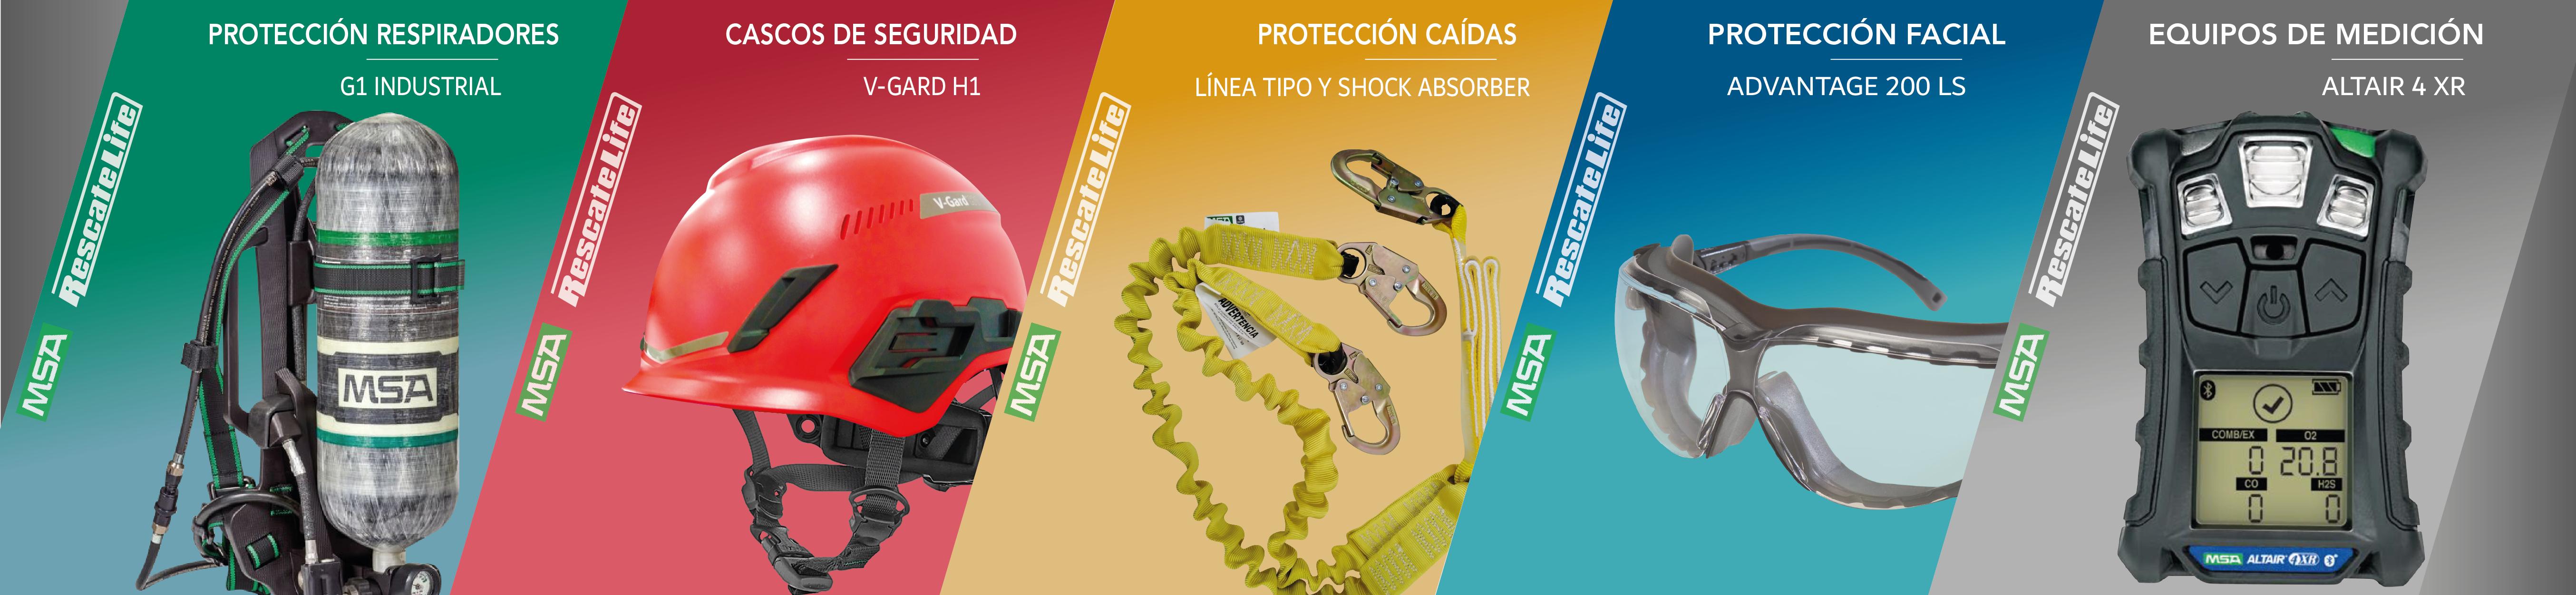 MSA Implementos de Seguridad y Proteccion Personal